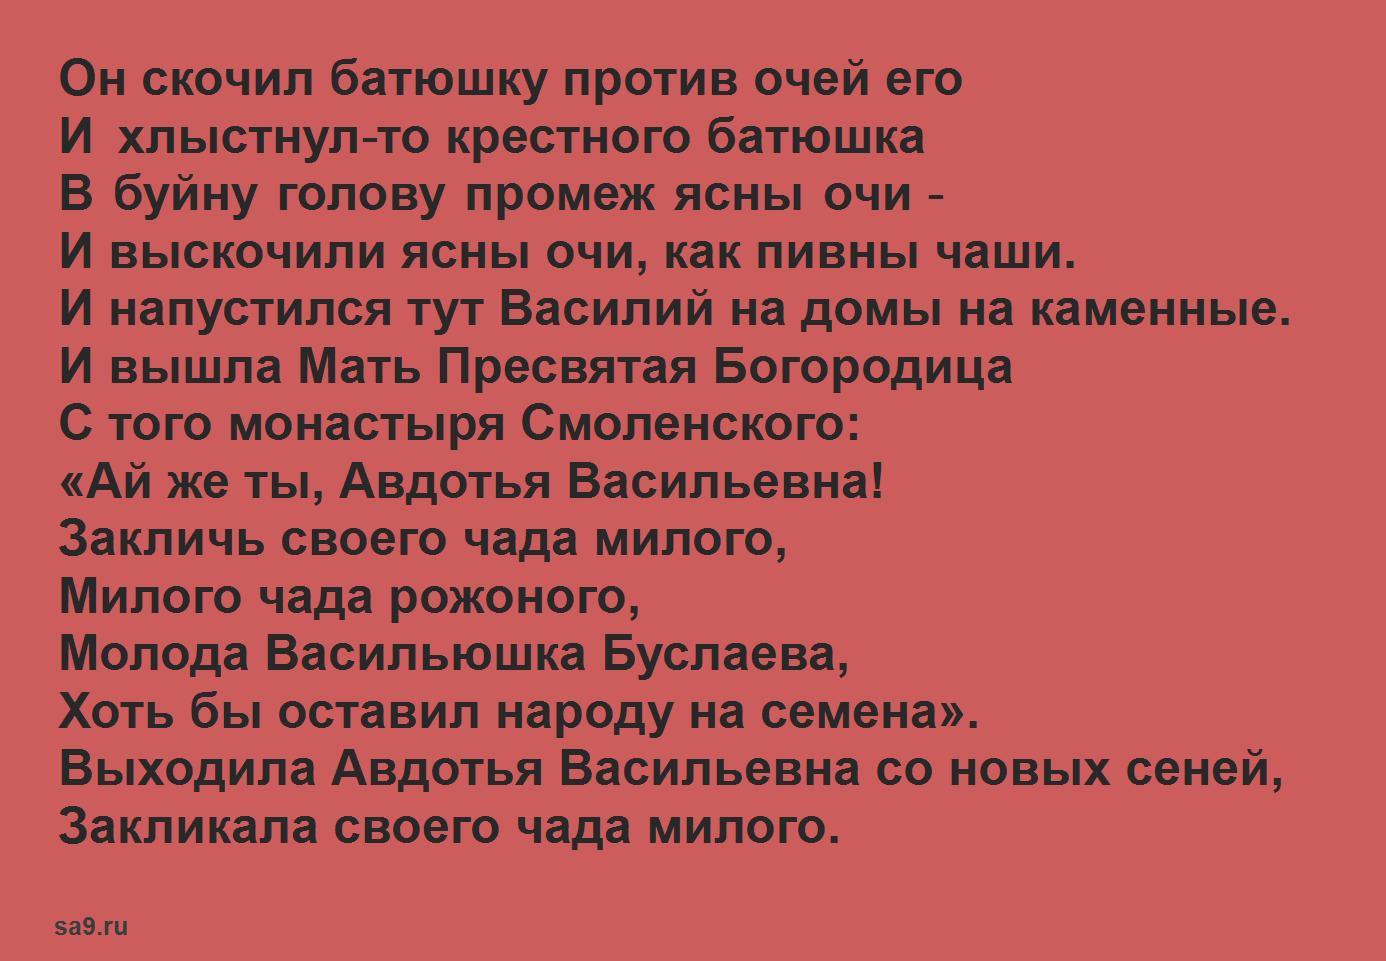 Былина - Василий Буслаев и Новгородцы